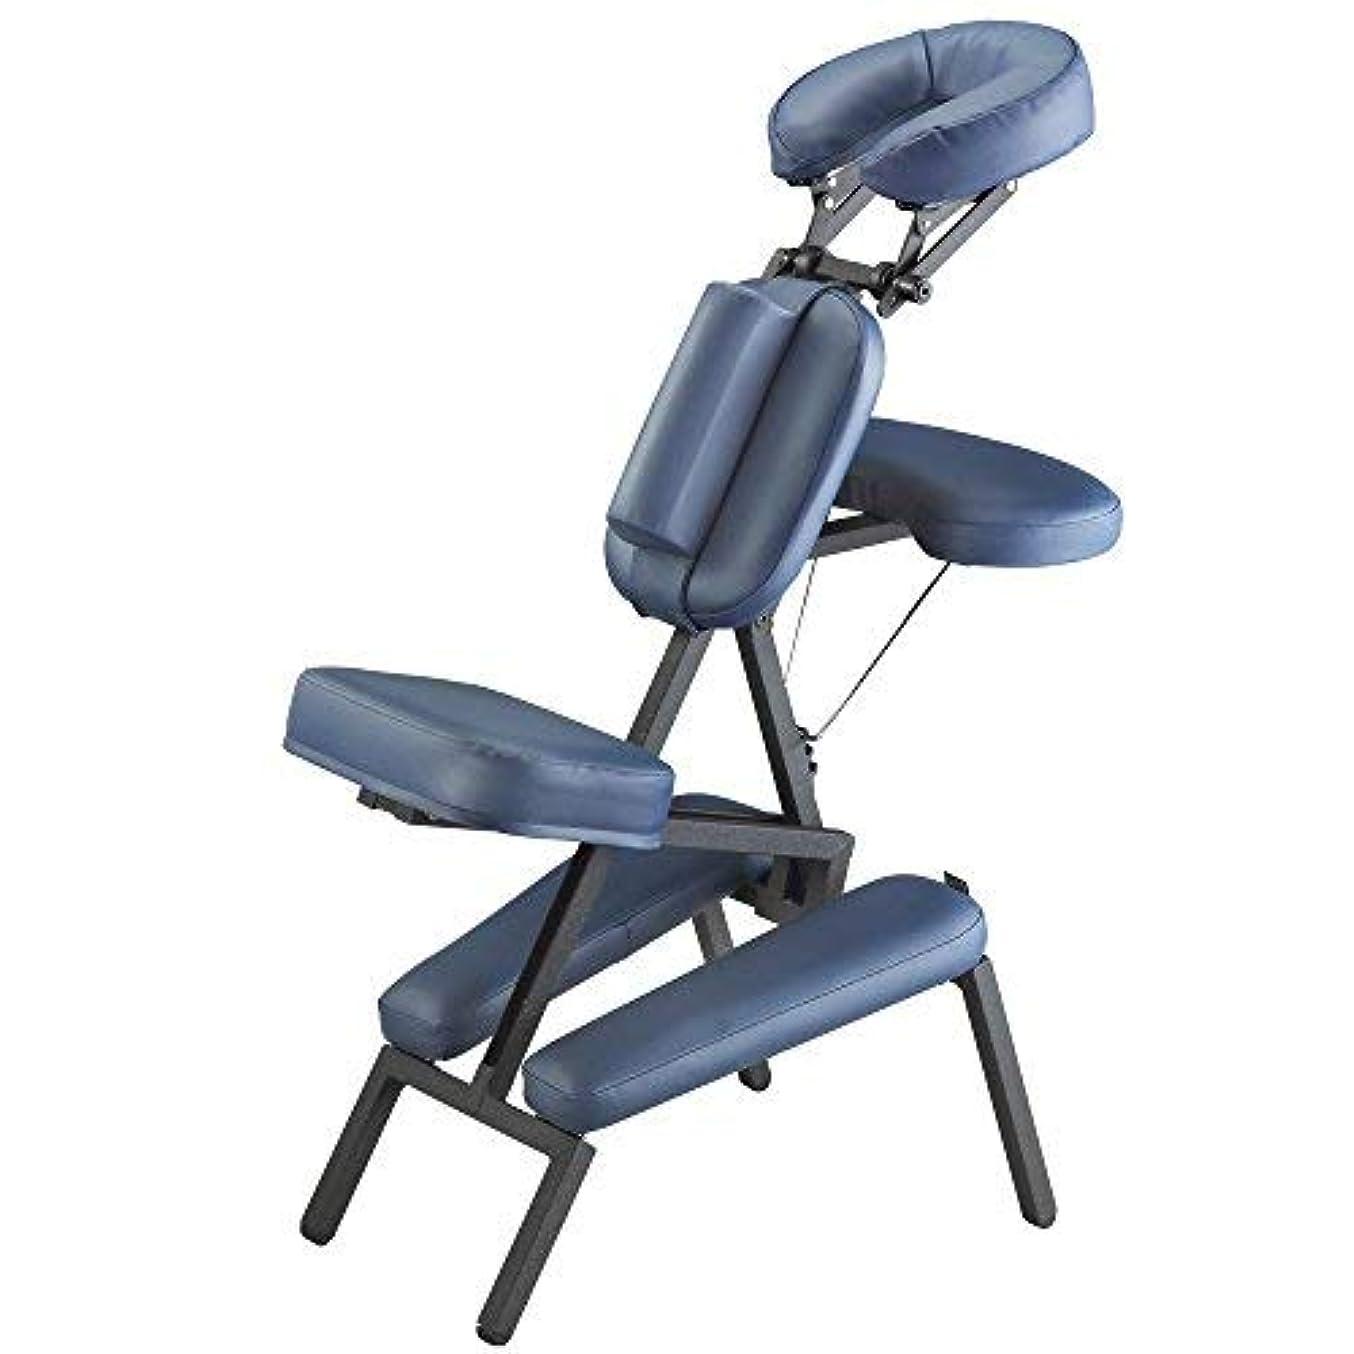 ストレスの多い崩壊はげMaster Massage Professional Portable Massage Chair in Blue [並行輸入品]